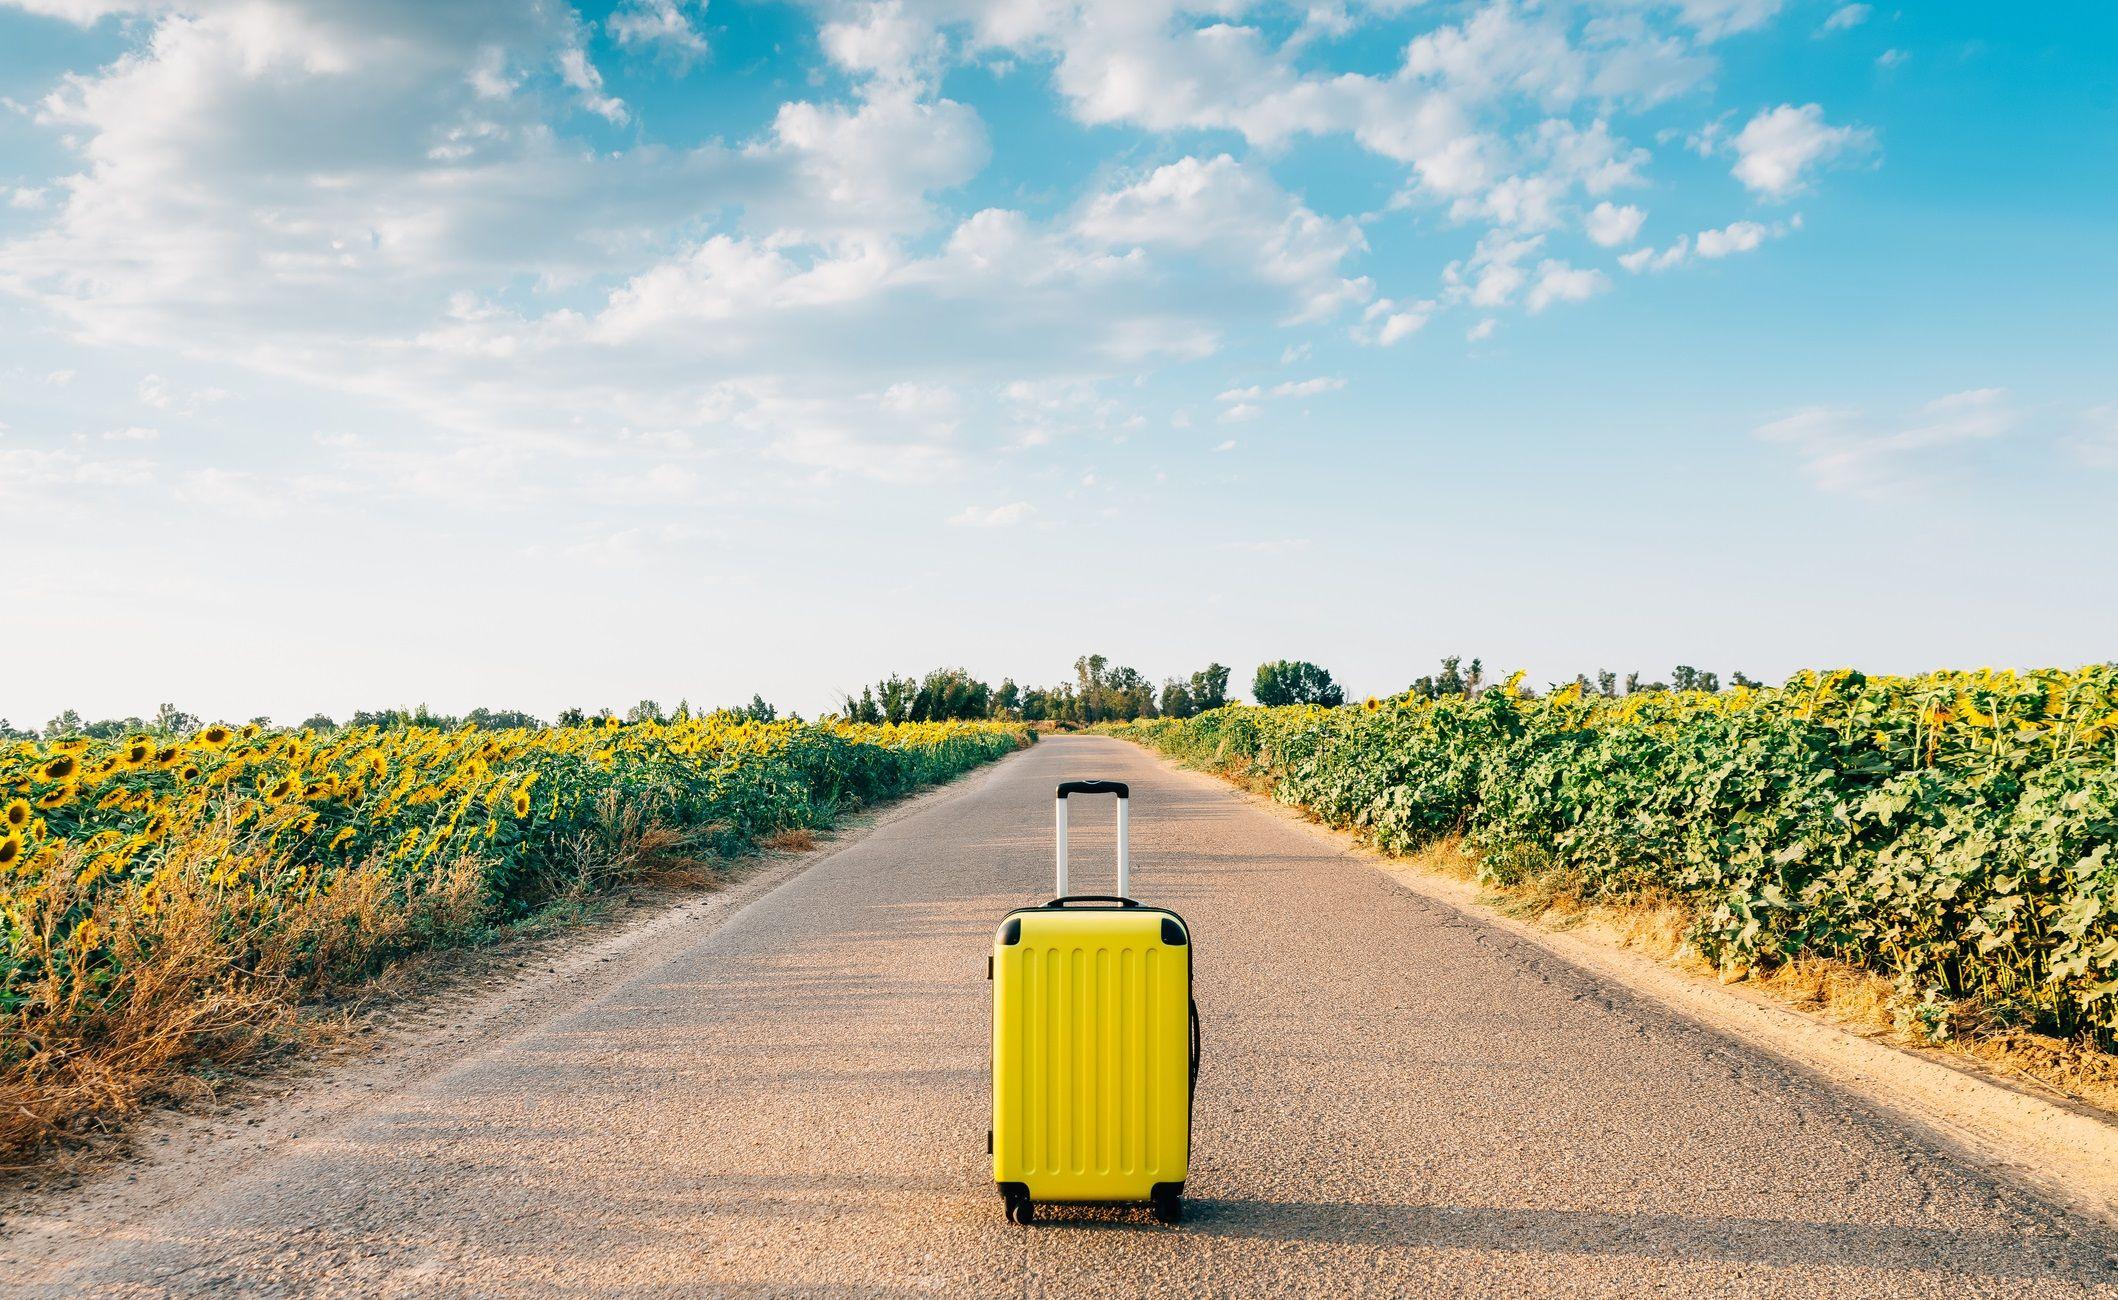 Turismo, el quinto grado universitario con la inserción laboral más rápida al finalizar los estudios